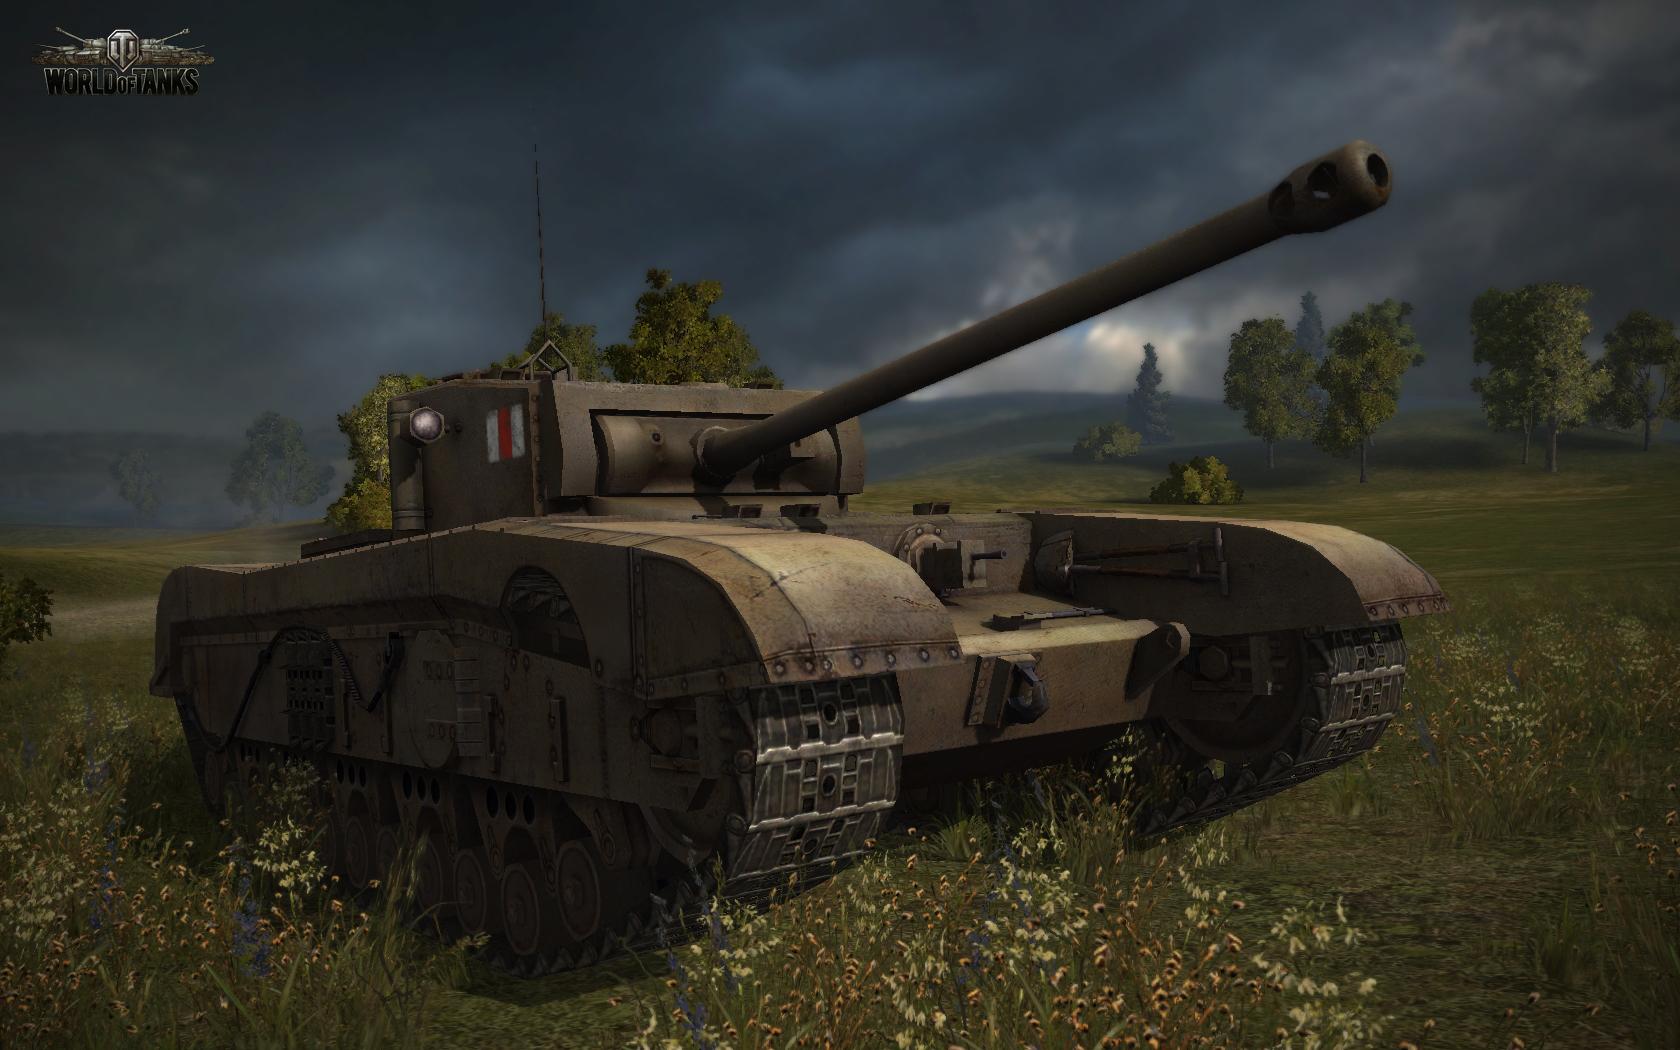 Категория world of tanks добавил garik73 05 10 2012